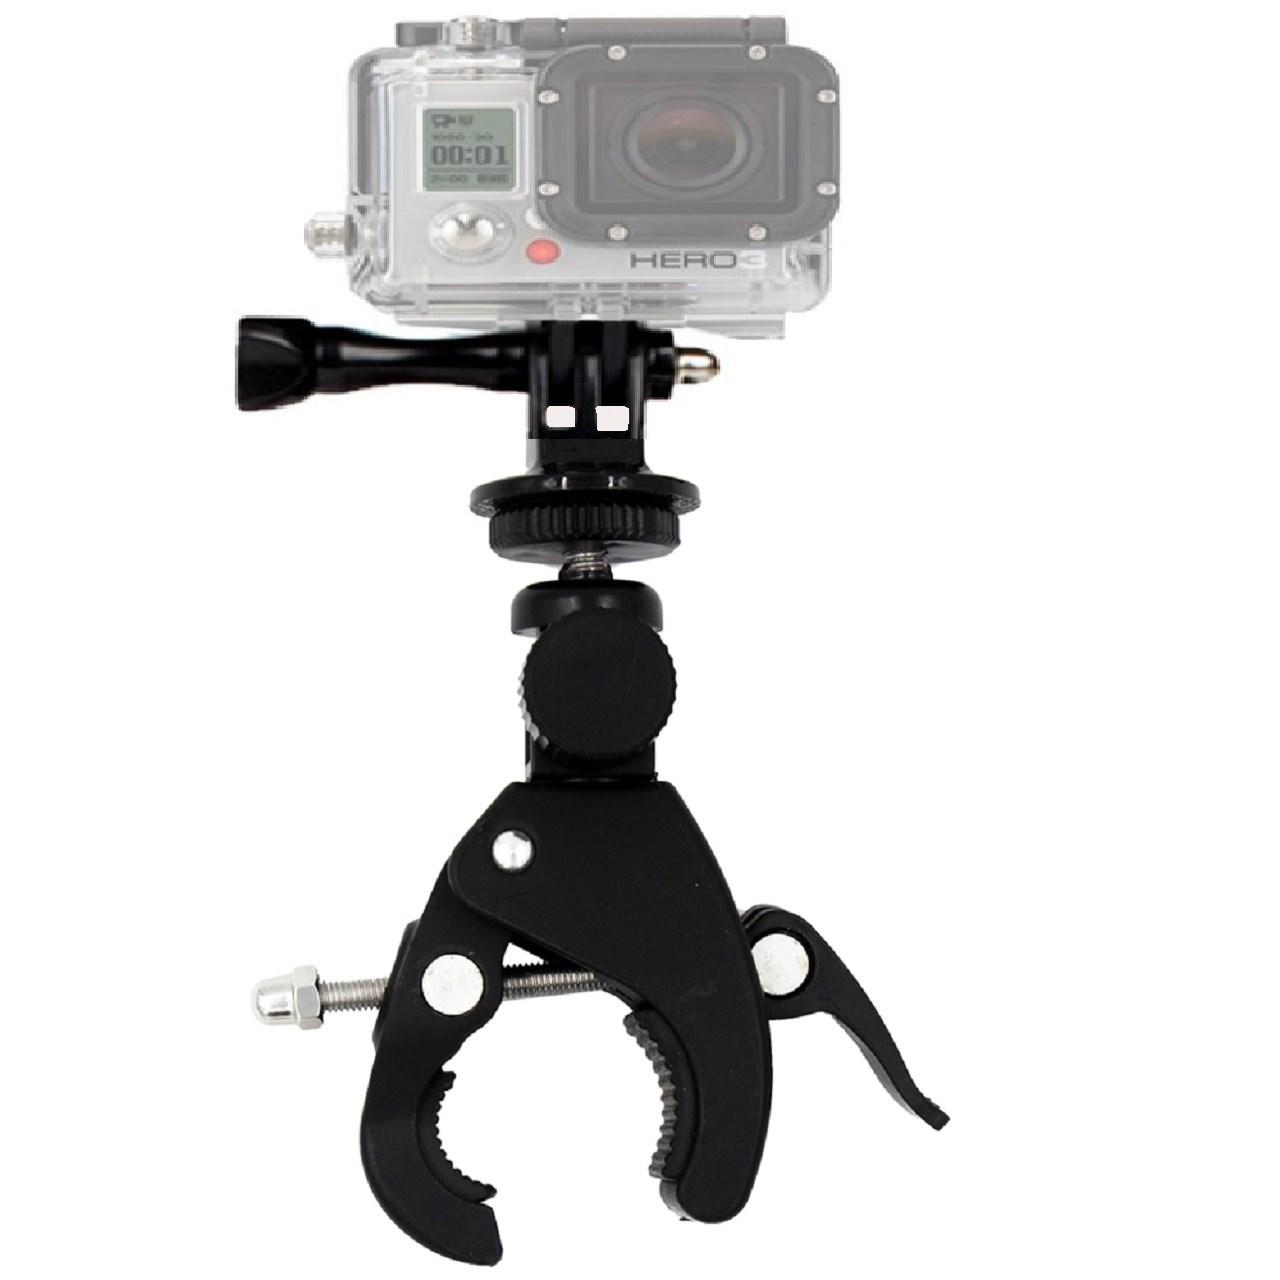 بررسی و {خرید با تخفیف}                                     پایه نگهدارنده بایک مونت مدل Tripod مناسب برای دوربین های ورزشی                             اصل